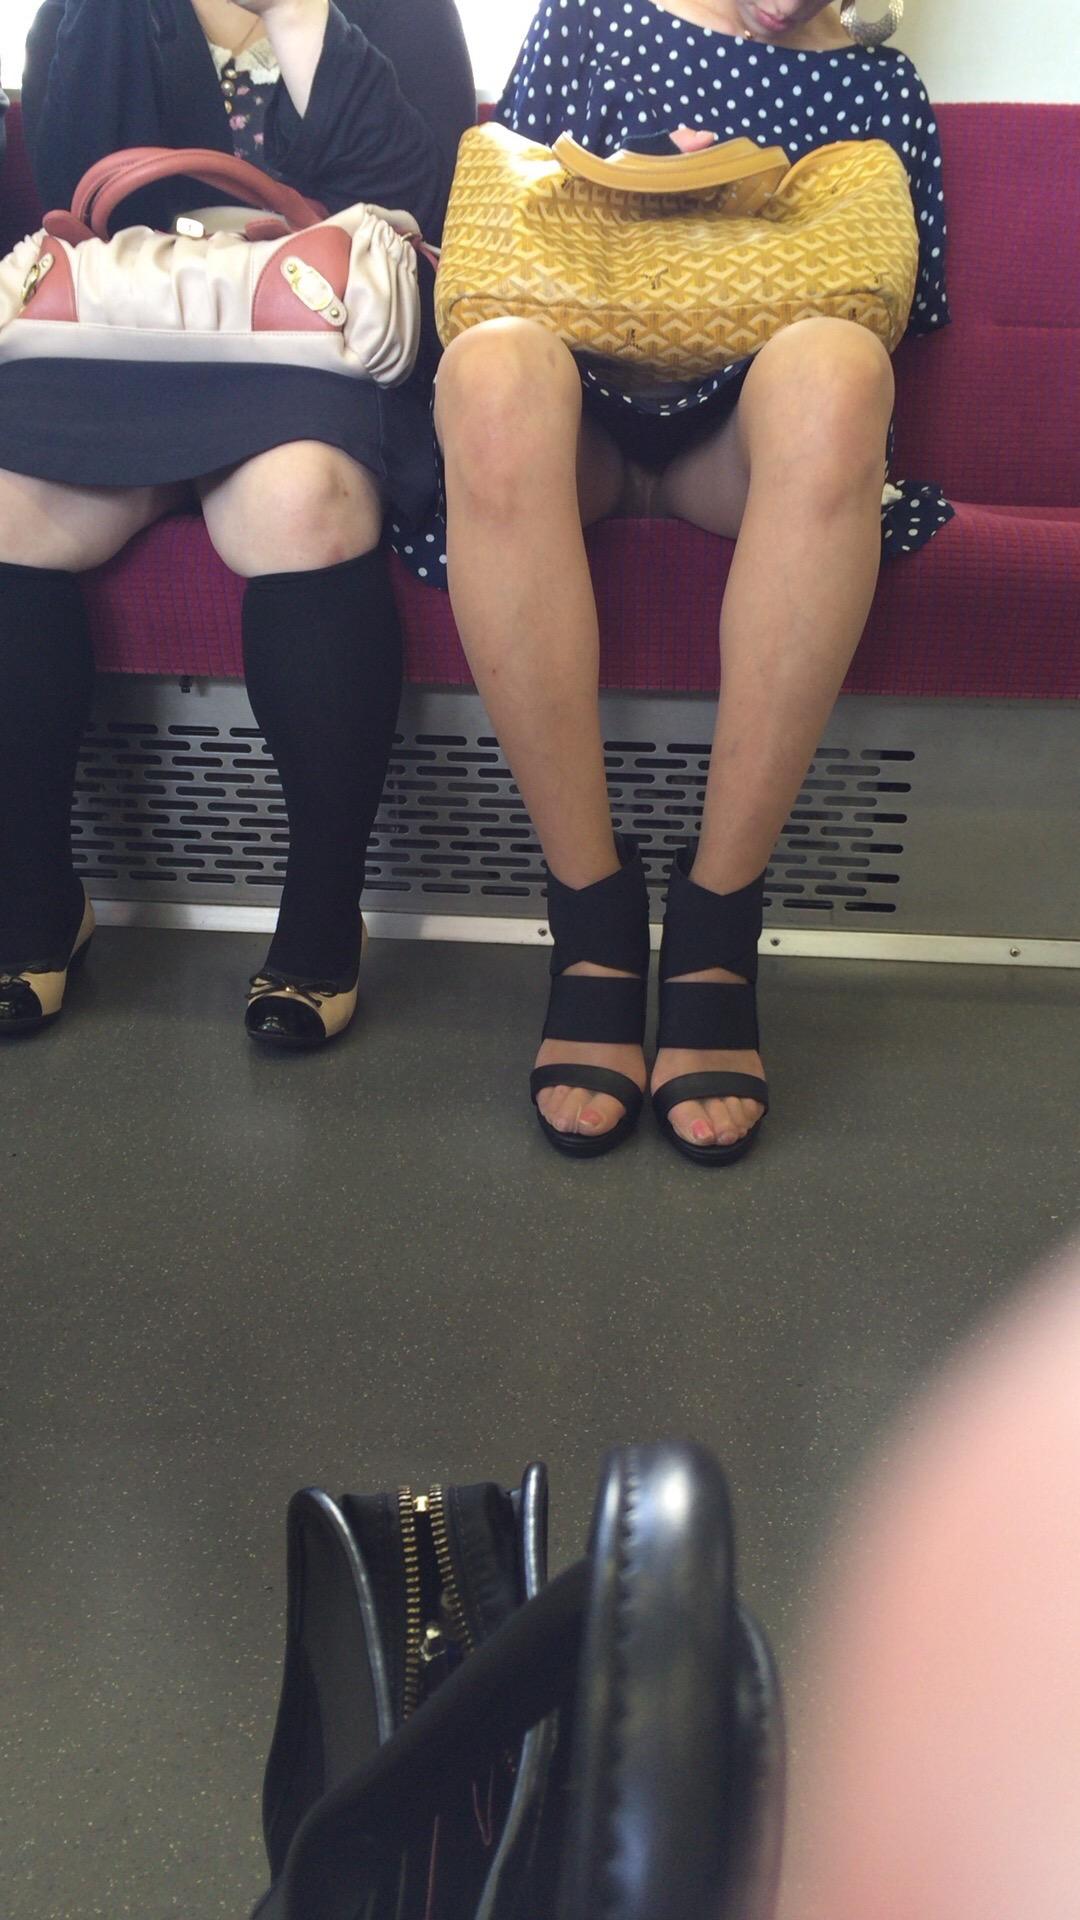 【パンチラエロ画像】終点までお願いしますw電車内のチラ見せさんは癒し(;^ω^)